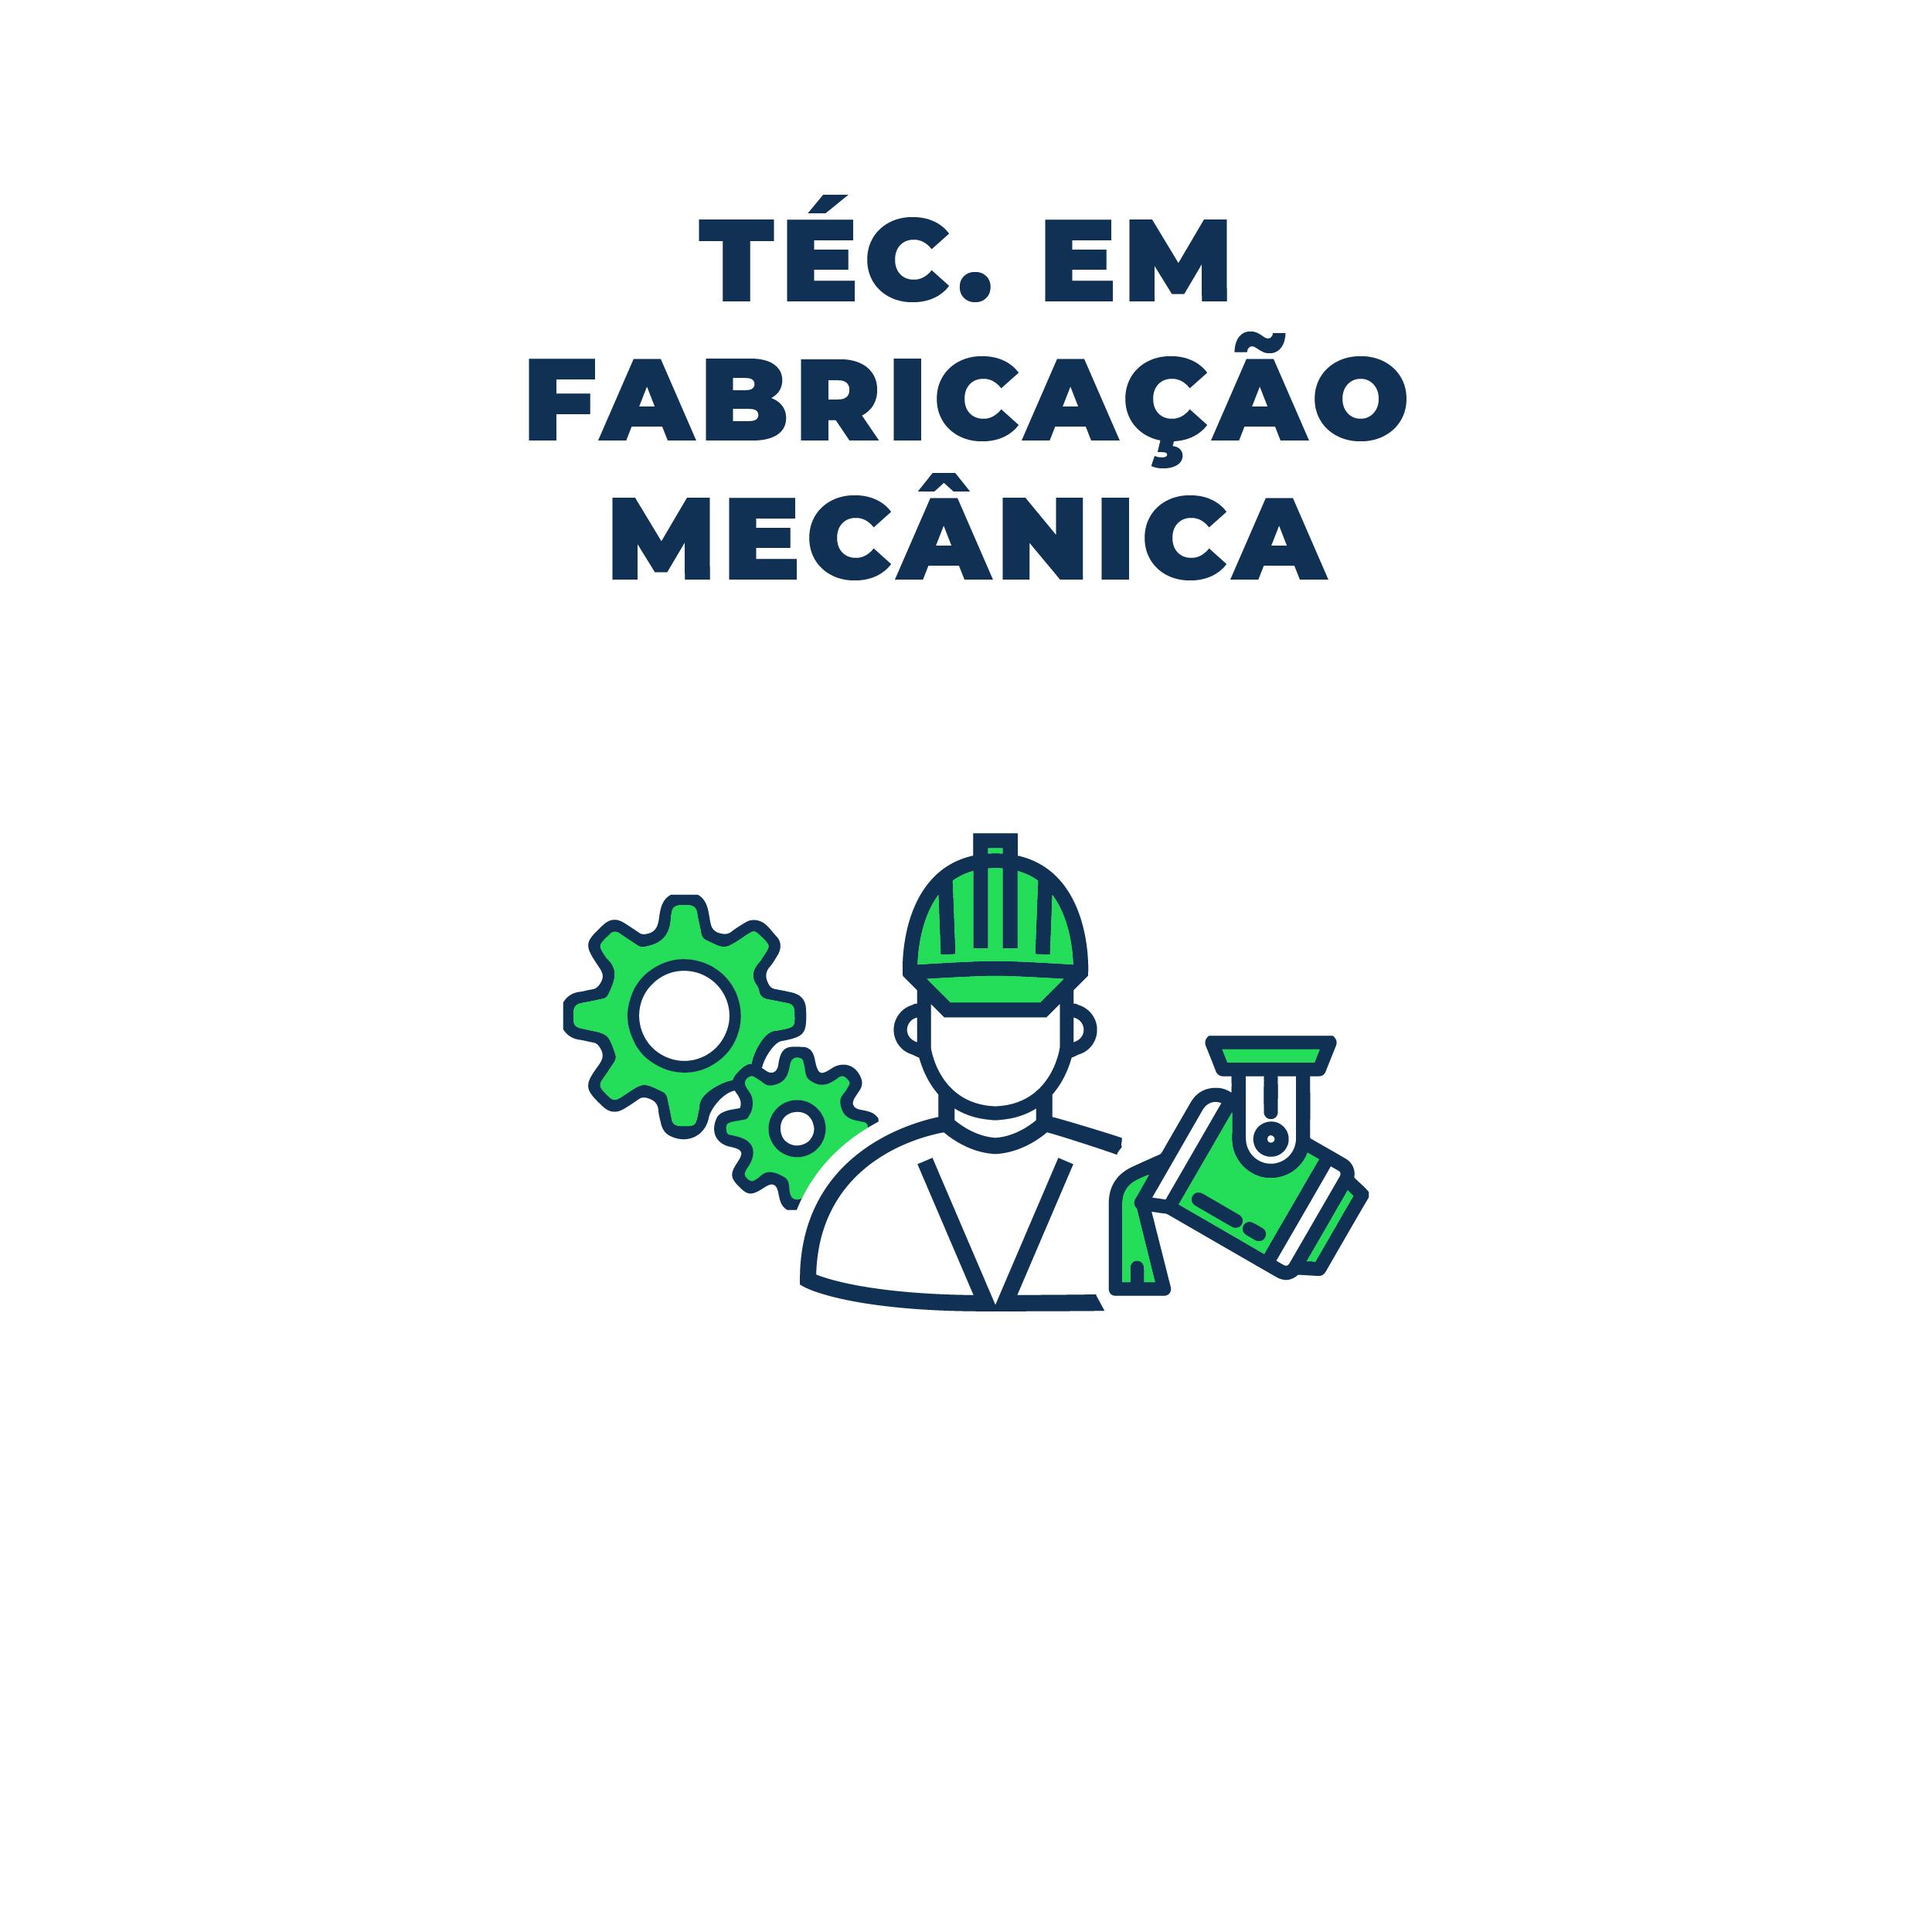 fabricacao mecanica